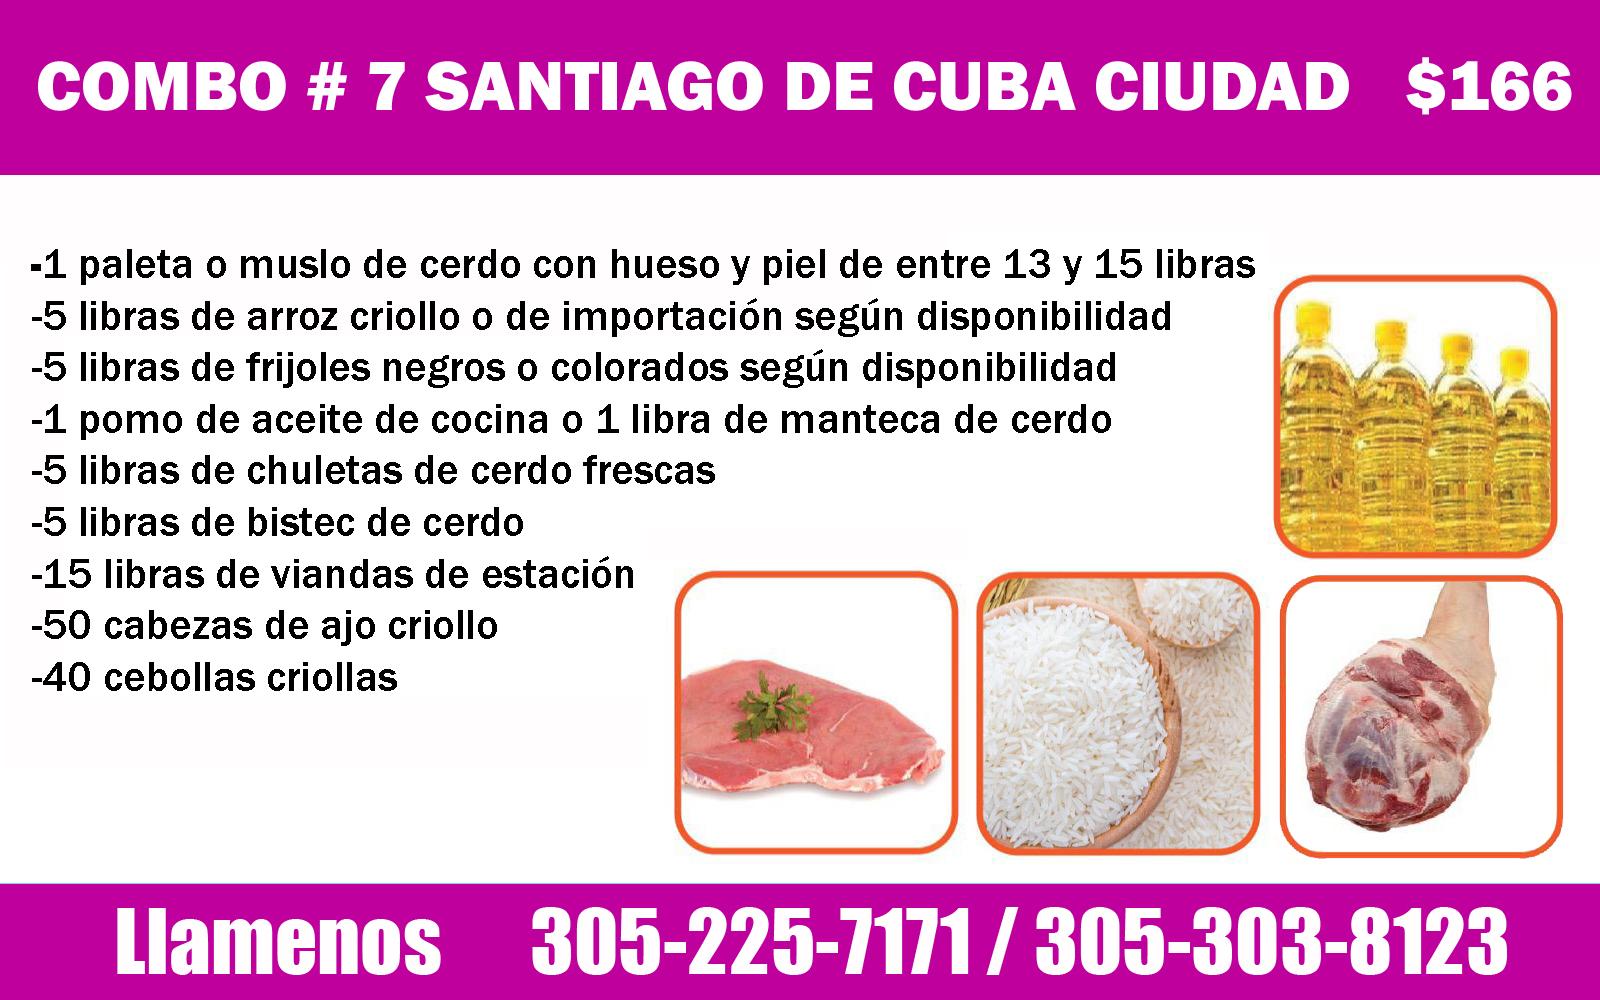 COMBO # 7 SANTIAGO DE CUBA CIUDAD $ 166